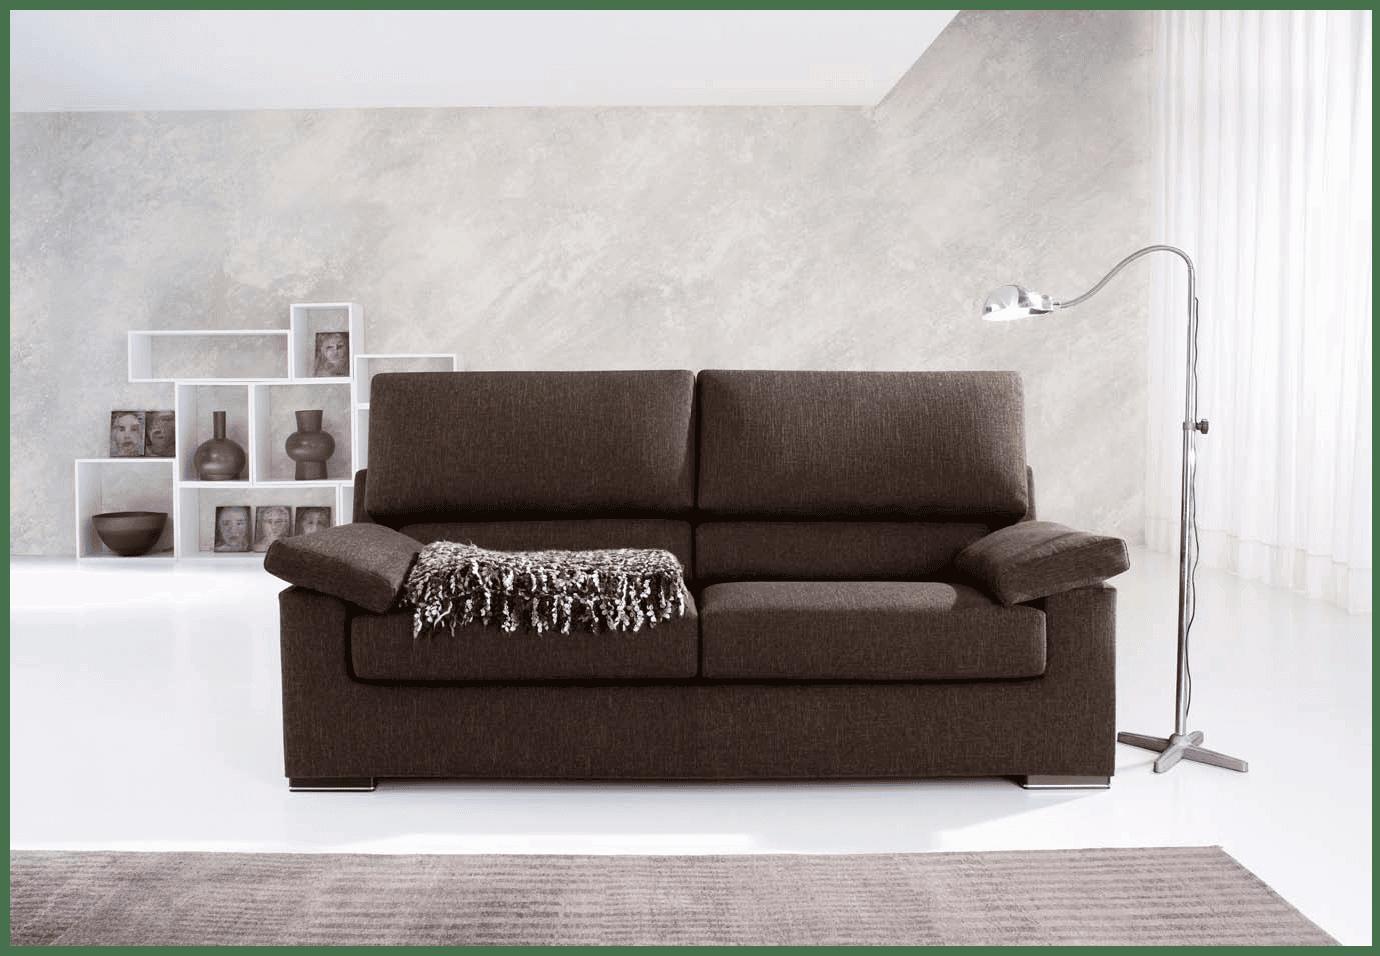 Divano blanc collezione divani e poltrone divani fissi for Collezione divani e divani